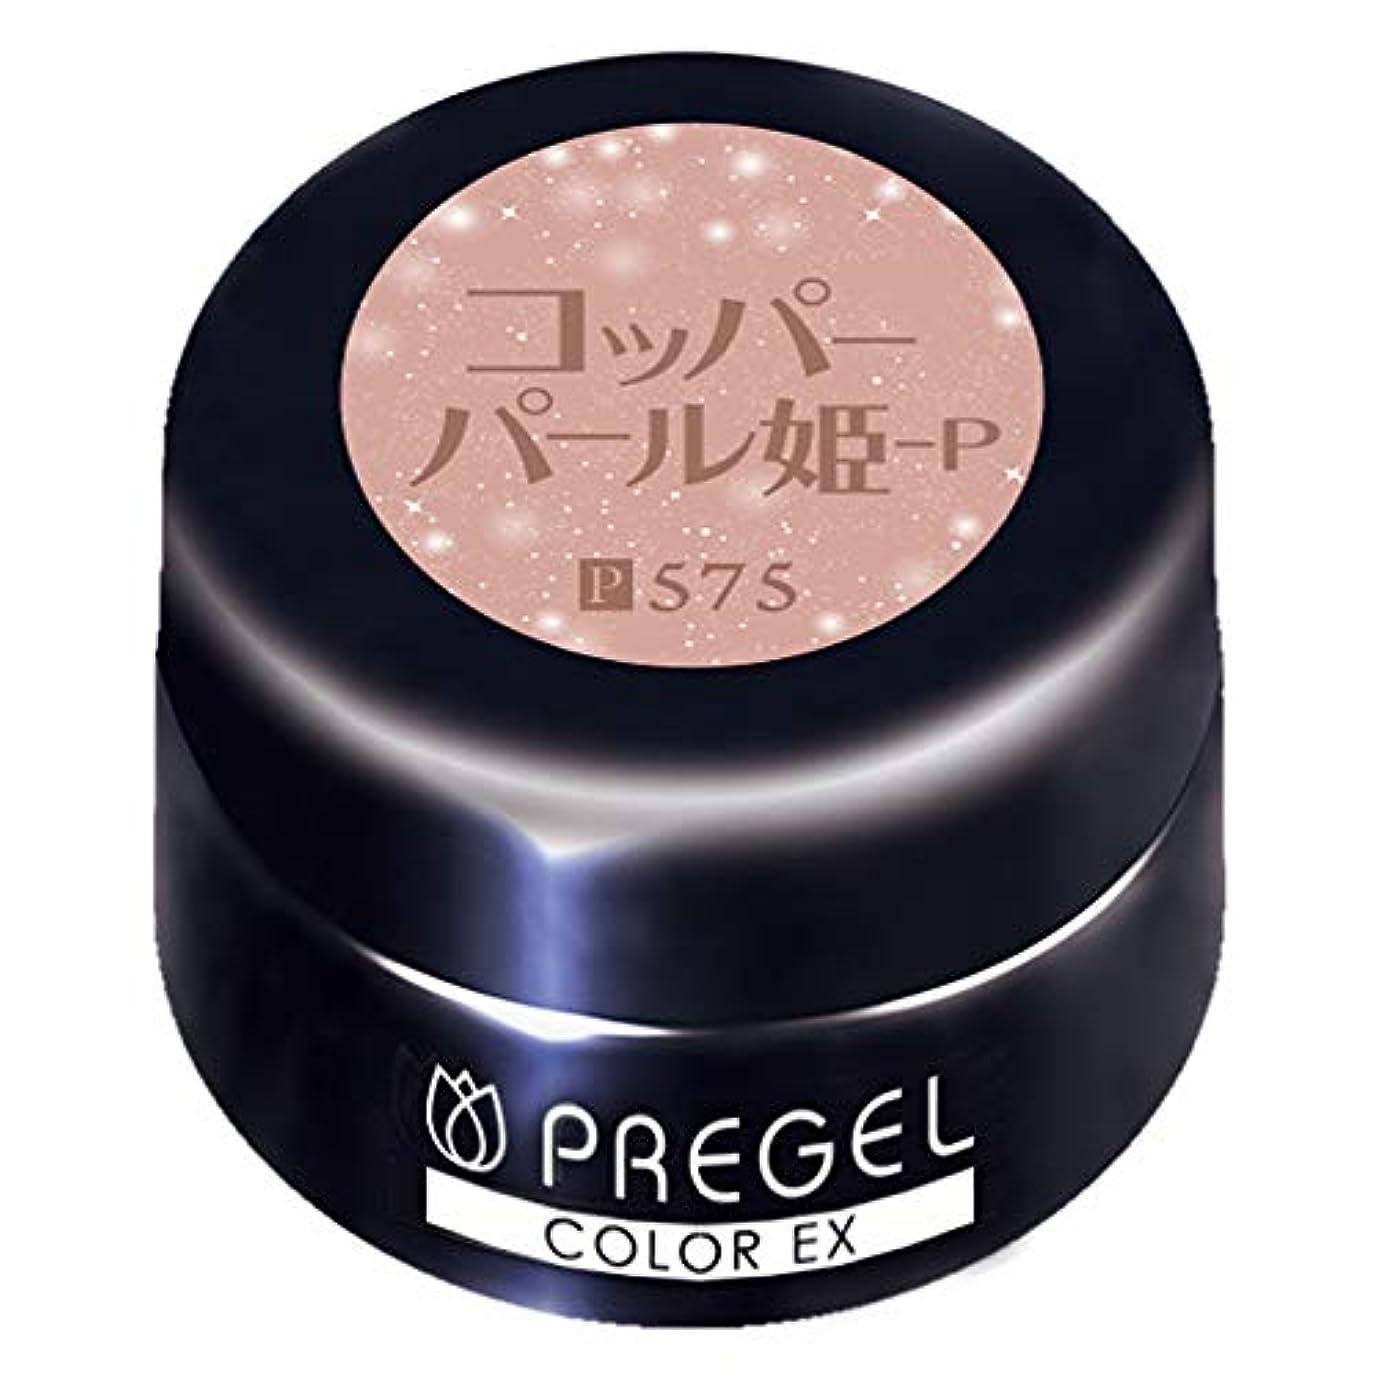 流出効率的にむちゃくちゃPRE GEL(プリジェル) PRE GEL カラージェル カラーEX コッパーパール姫-P 3g PG-CE575 UV/LED対応 ジェルネイル